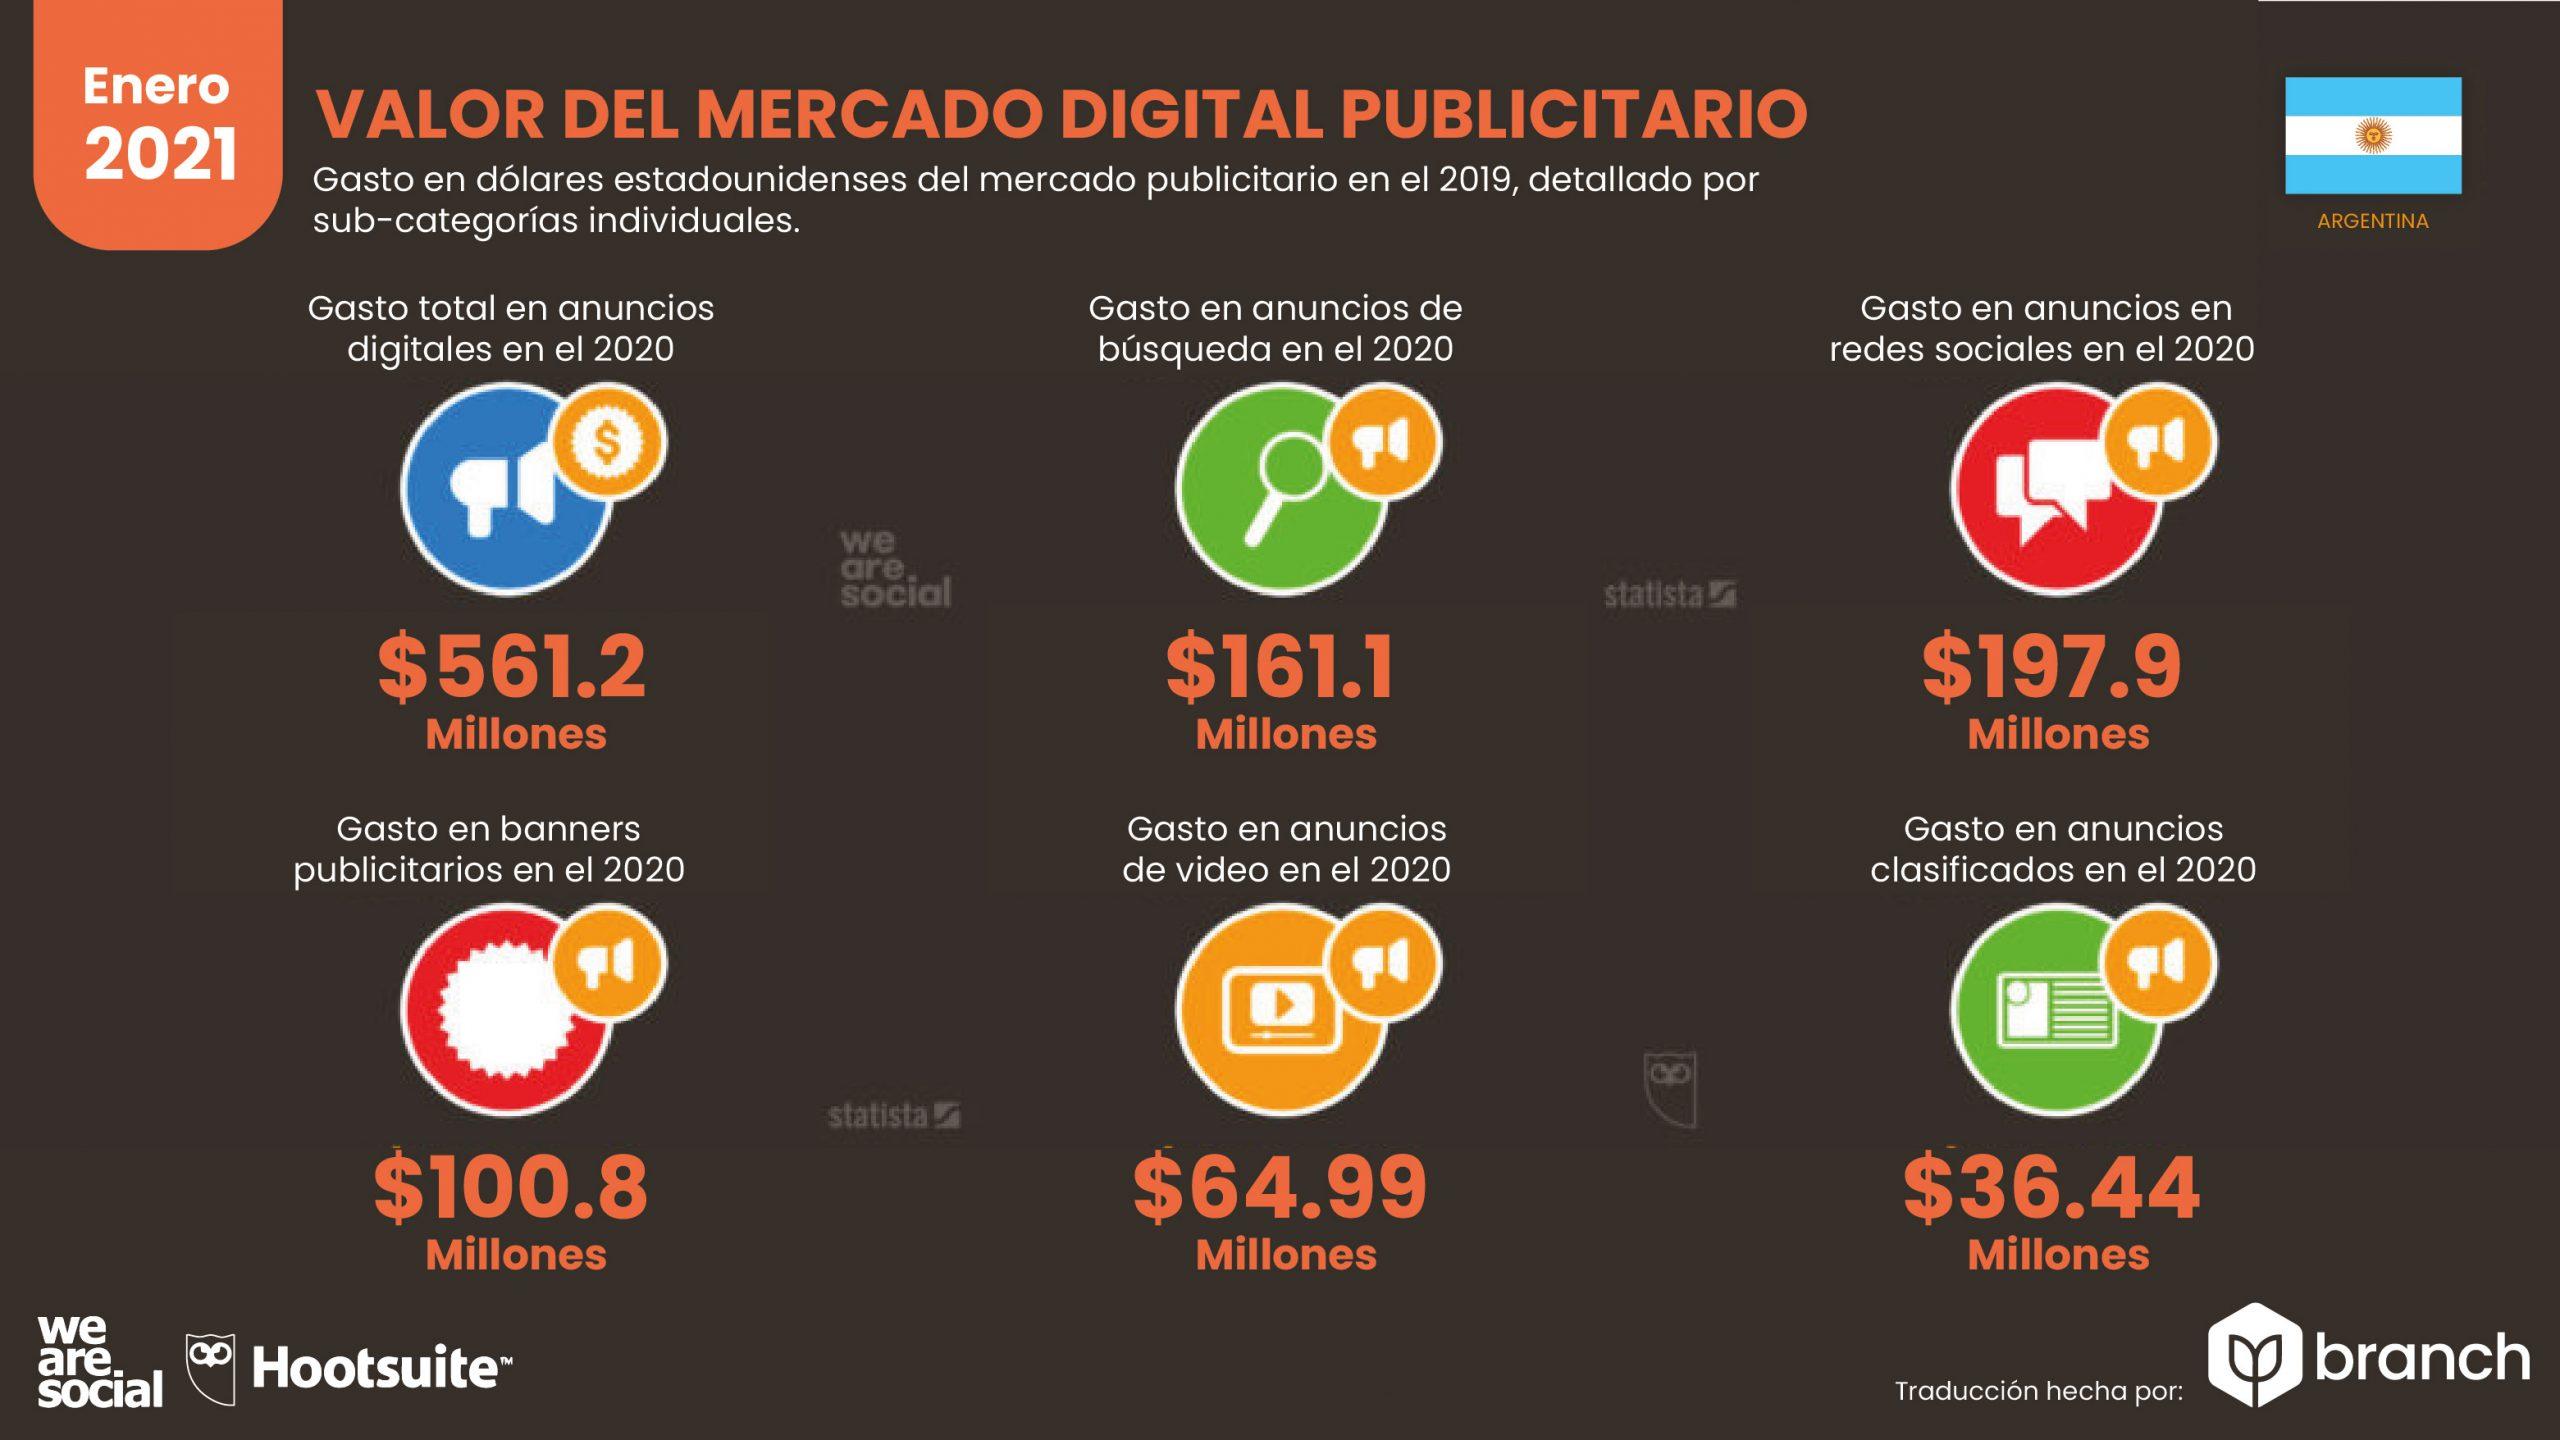 grafico-valor-del-mercado-de-publicidad-digital-argentina-2020-2021